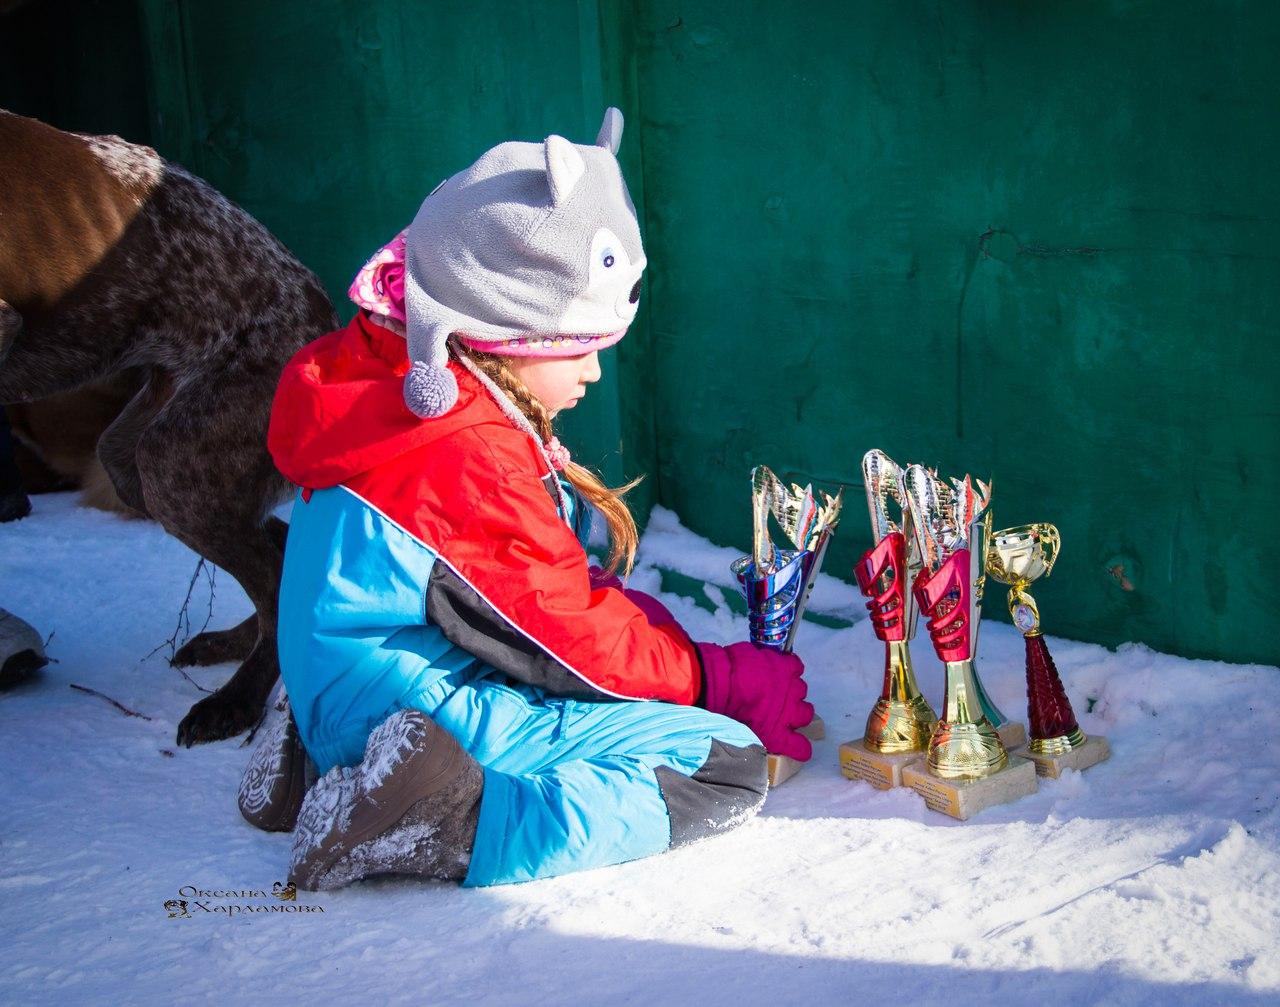 Спортсмены завоевали 12 медалей на чемпионате РФ по кинологическому спорту